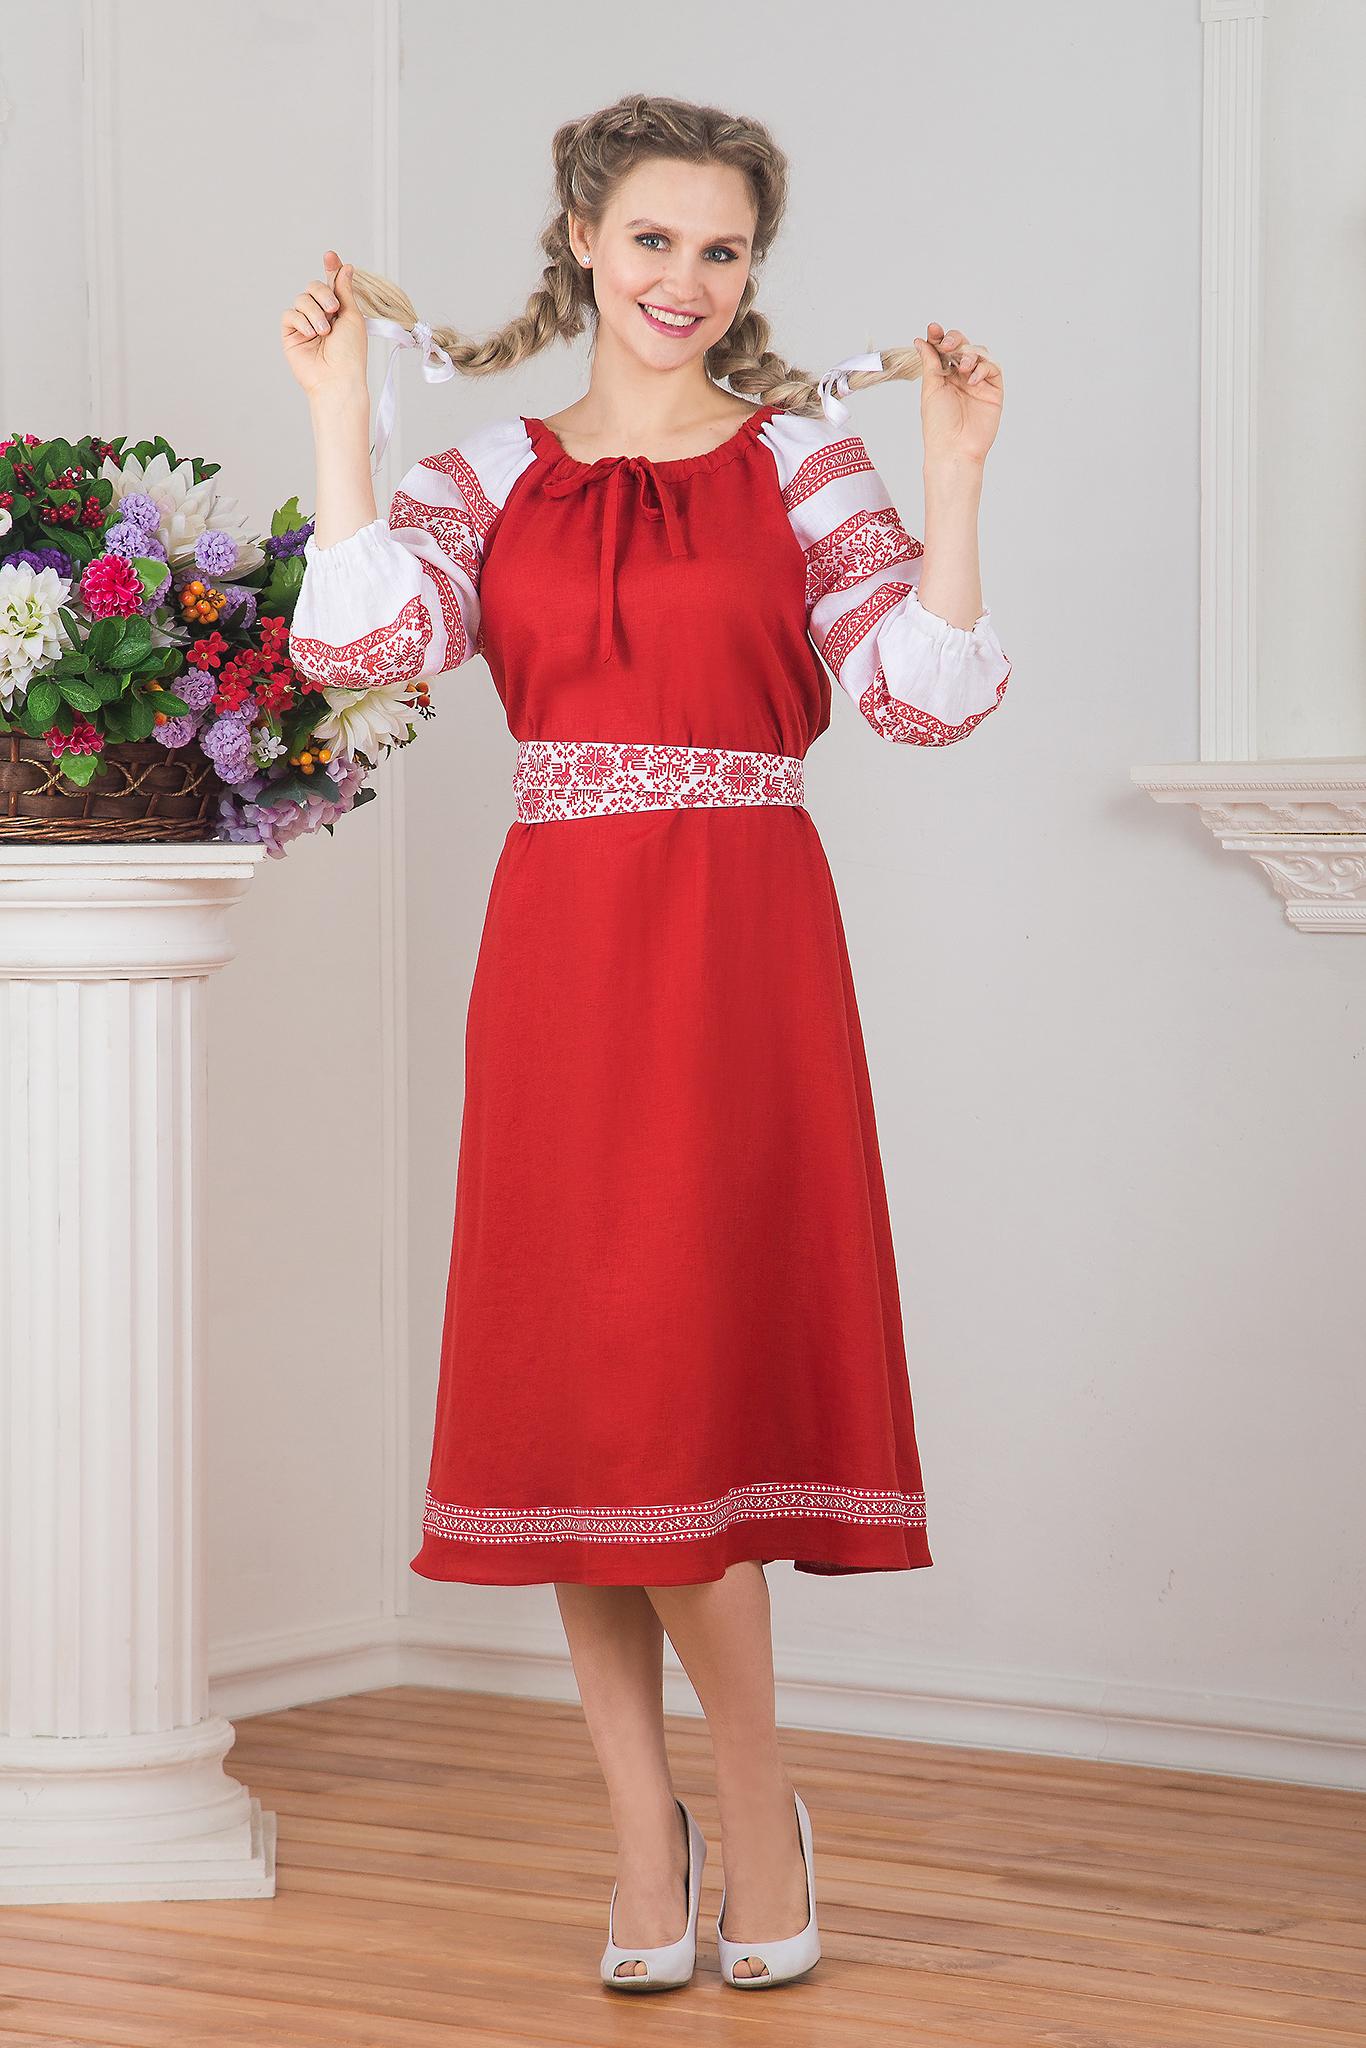 Льняное народное платье Калина красная от интернет-магазина Иванка